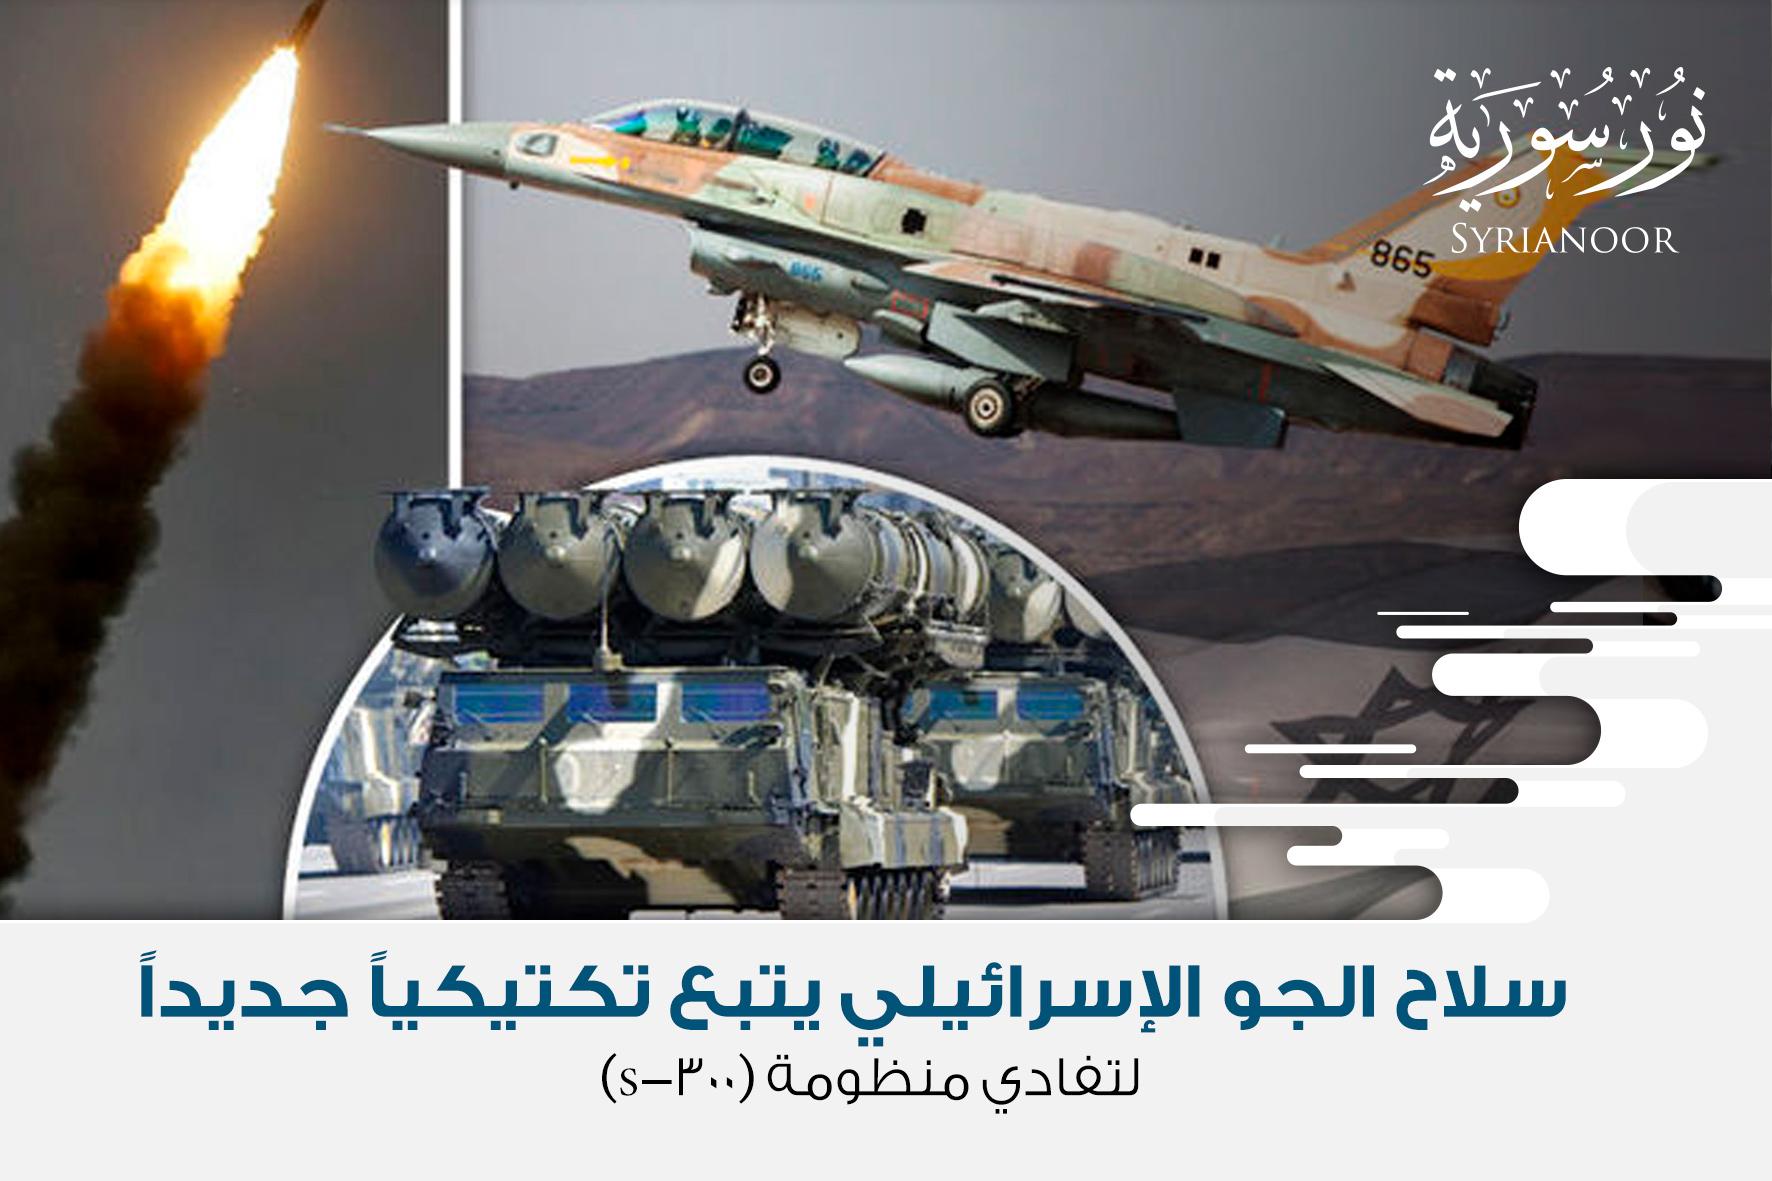 سلاح الجو الإسرائيلي يتبع تكتيكياً جديداً لتفادي منظومة (S-300)